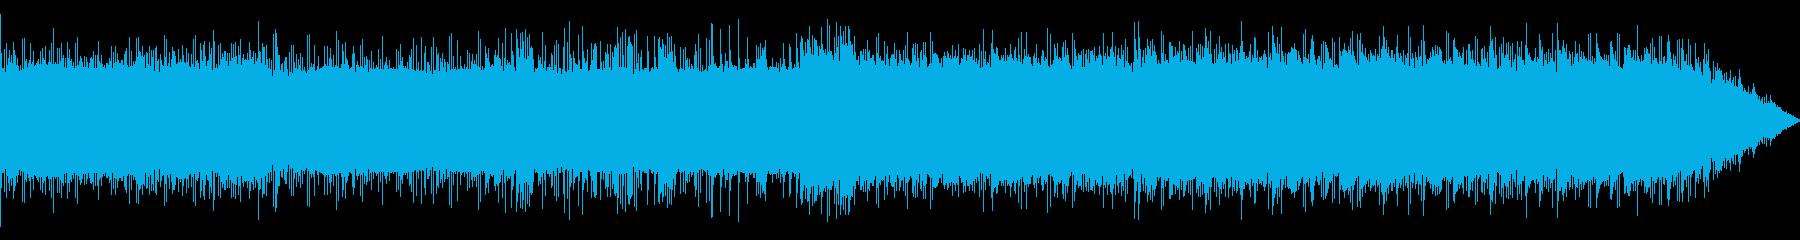 クールなHIPHOP、インダストリアルの再生済みの波形